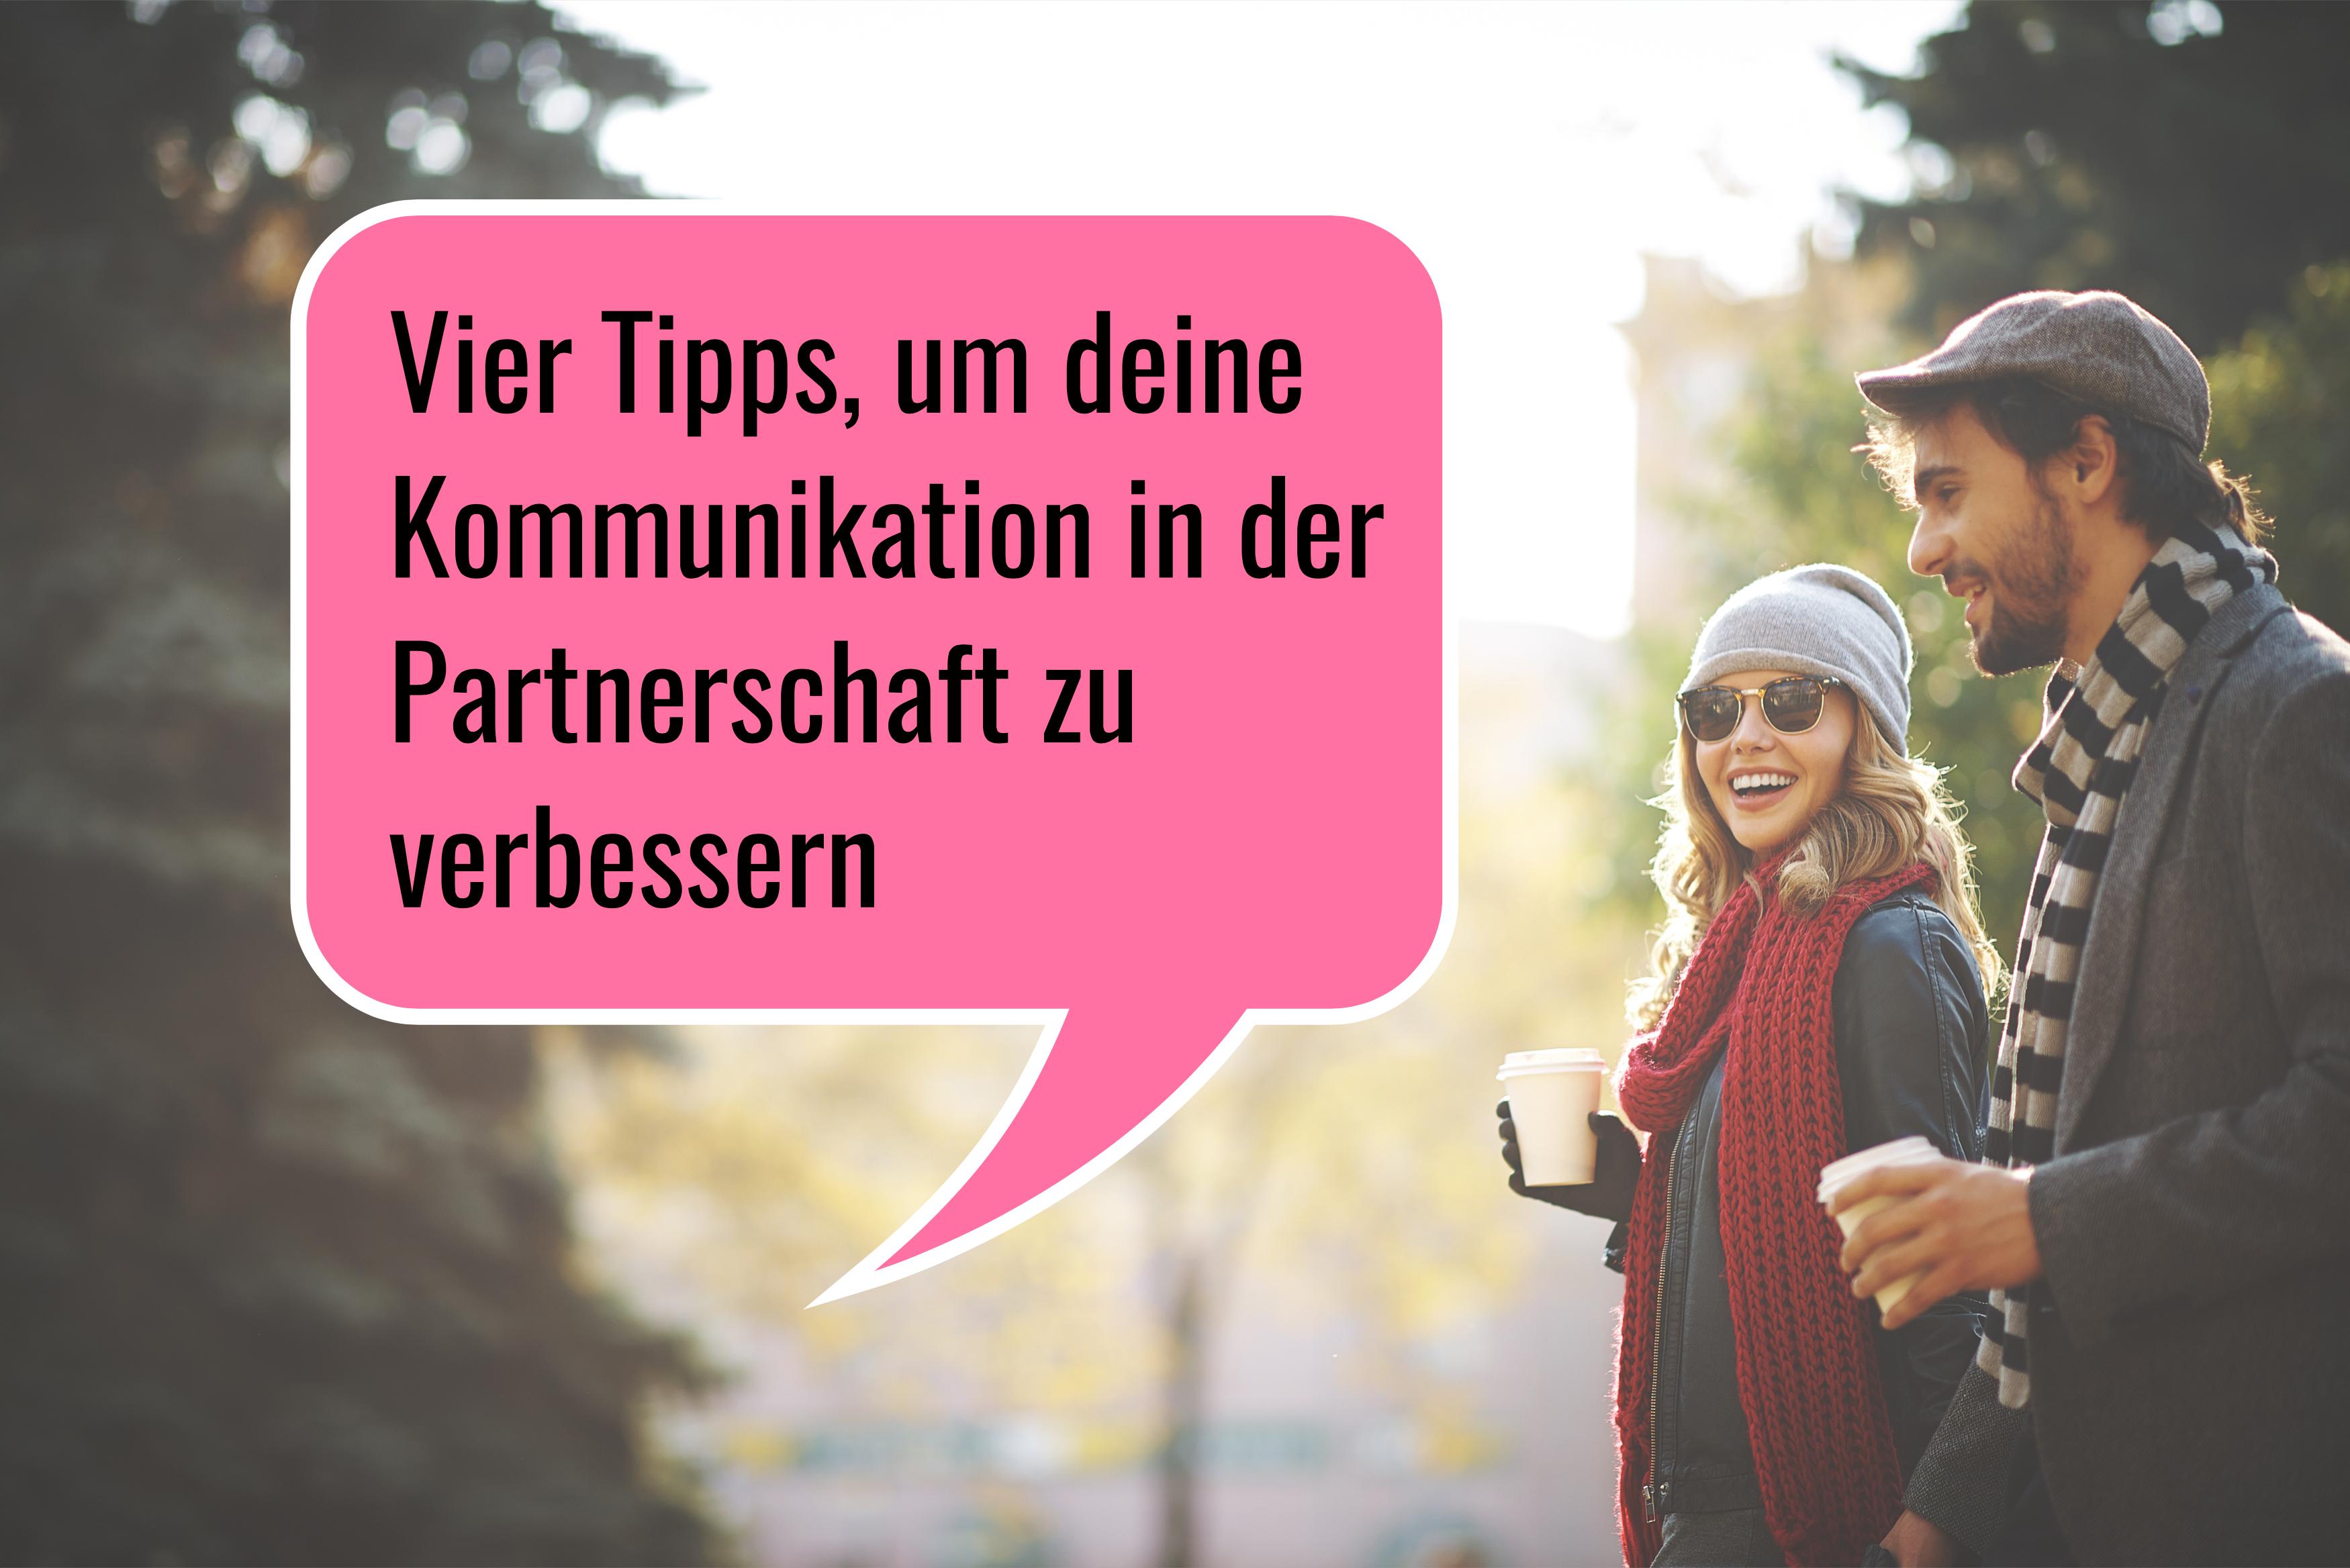 Kommunikation in Partnerschaft verbessern